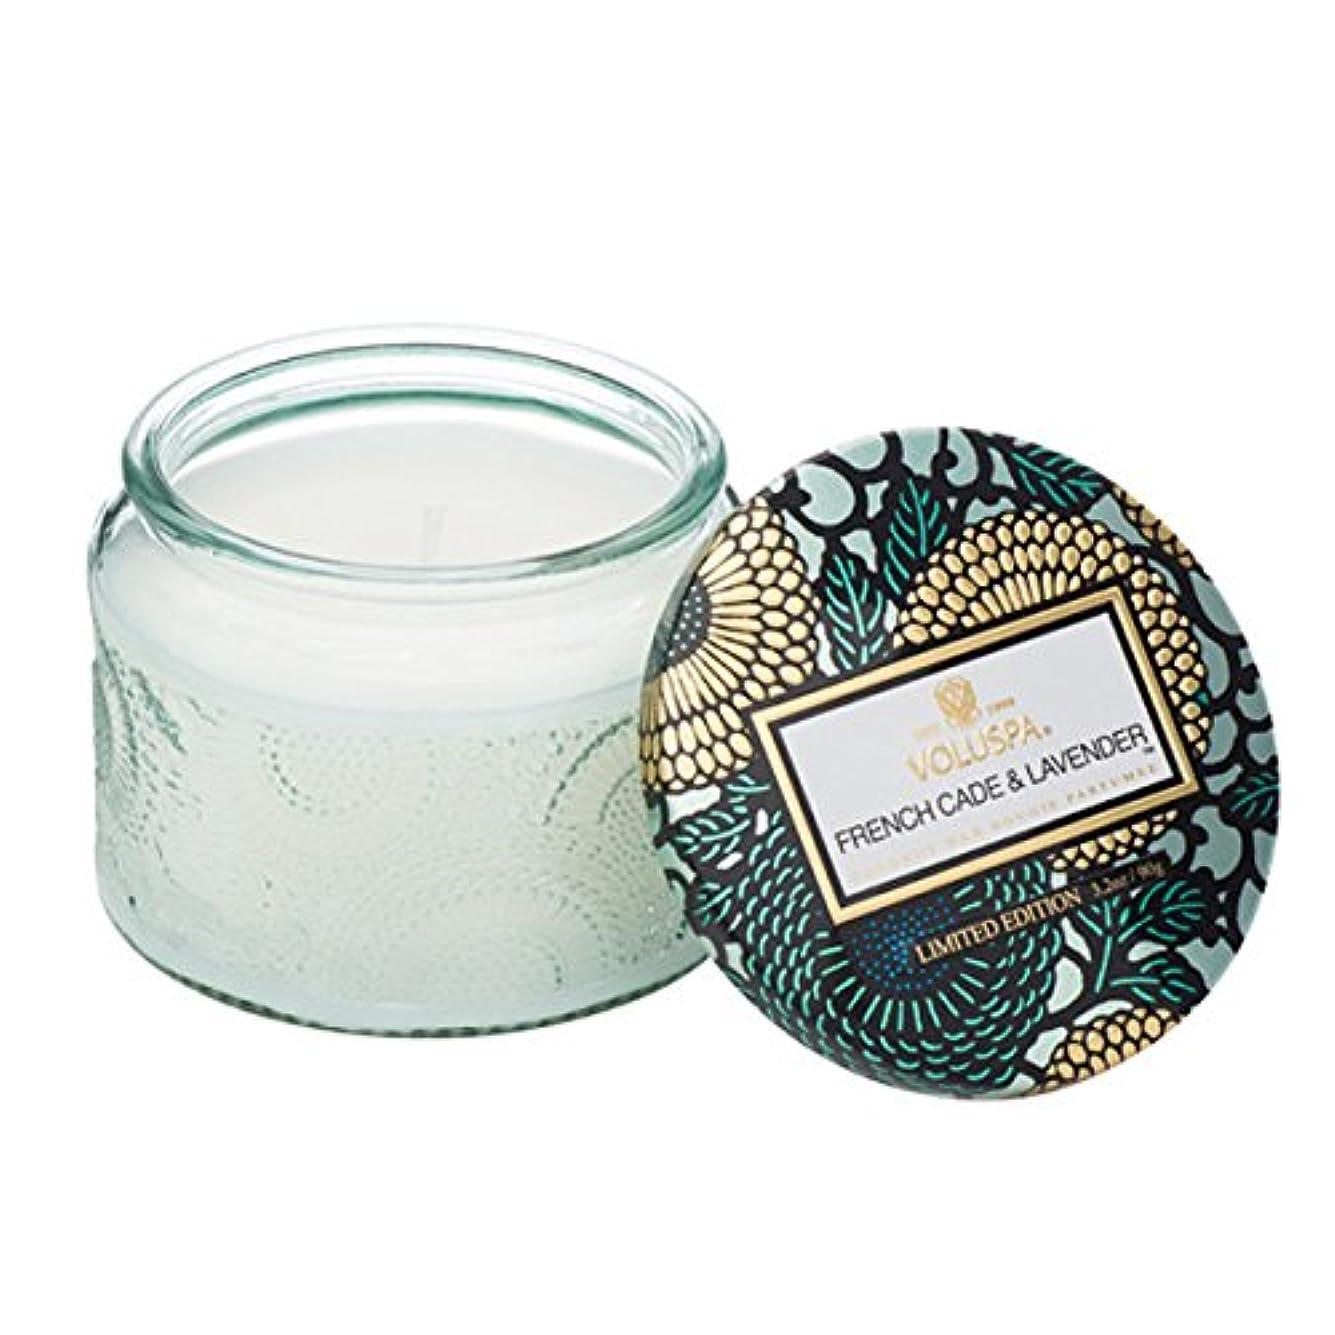 発見する消す泣くVoluspa ボルスパ ジャポニカ リミテッド グラスジャーキャンドル  S フレンチケード&ラベンダー FRENCH CADE LAVENDER  JAPONICA Limited PETITE EMBOSSED Glass jar candle